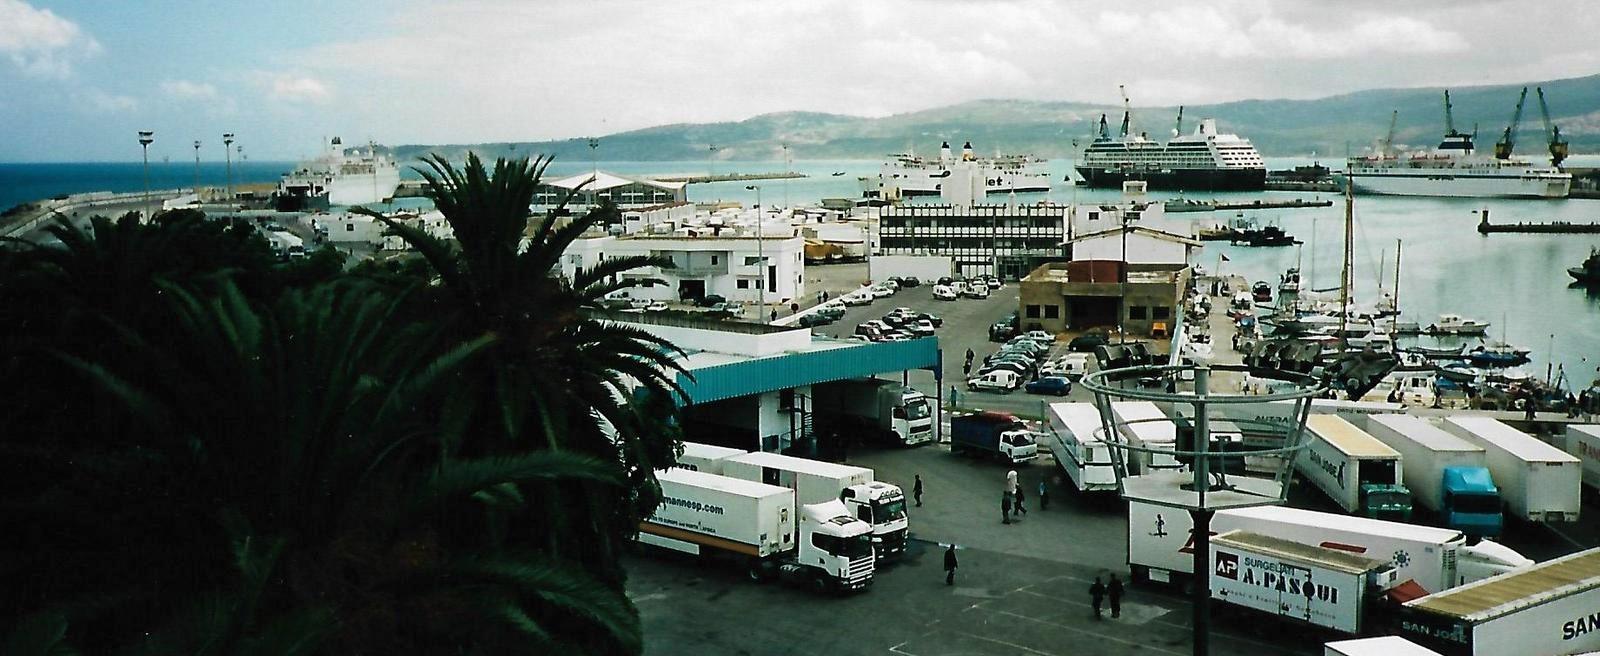 Im Hafen von Tanger mit der MS Paloma